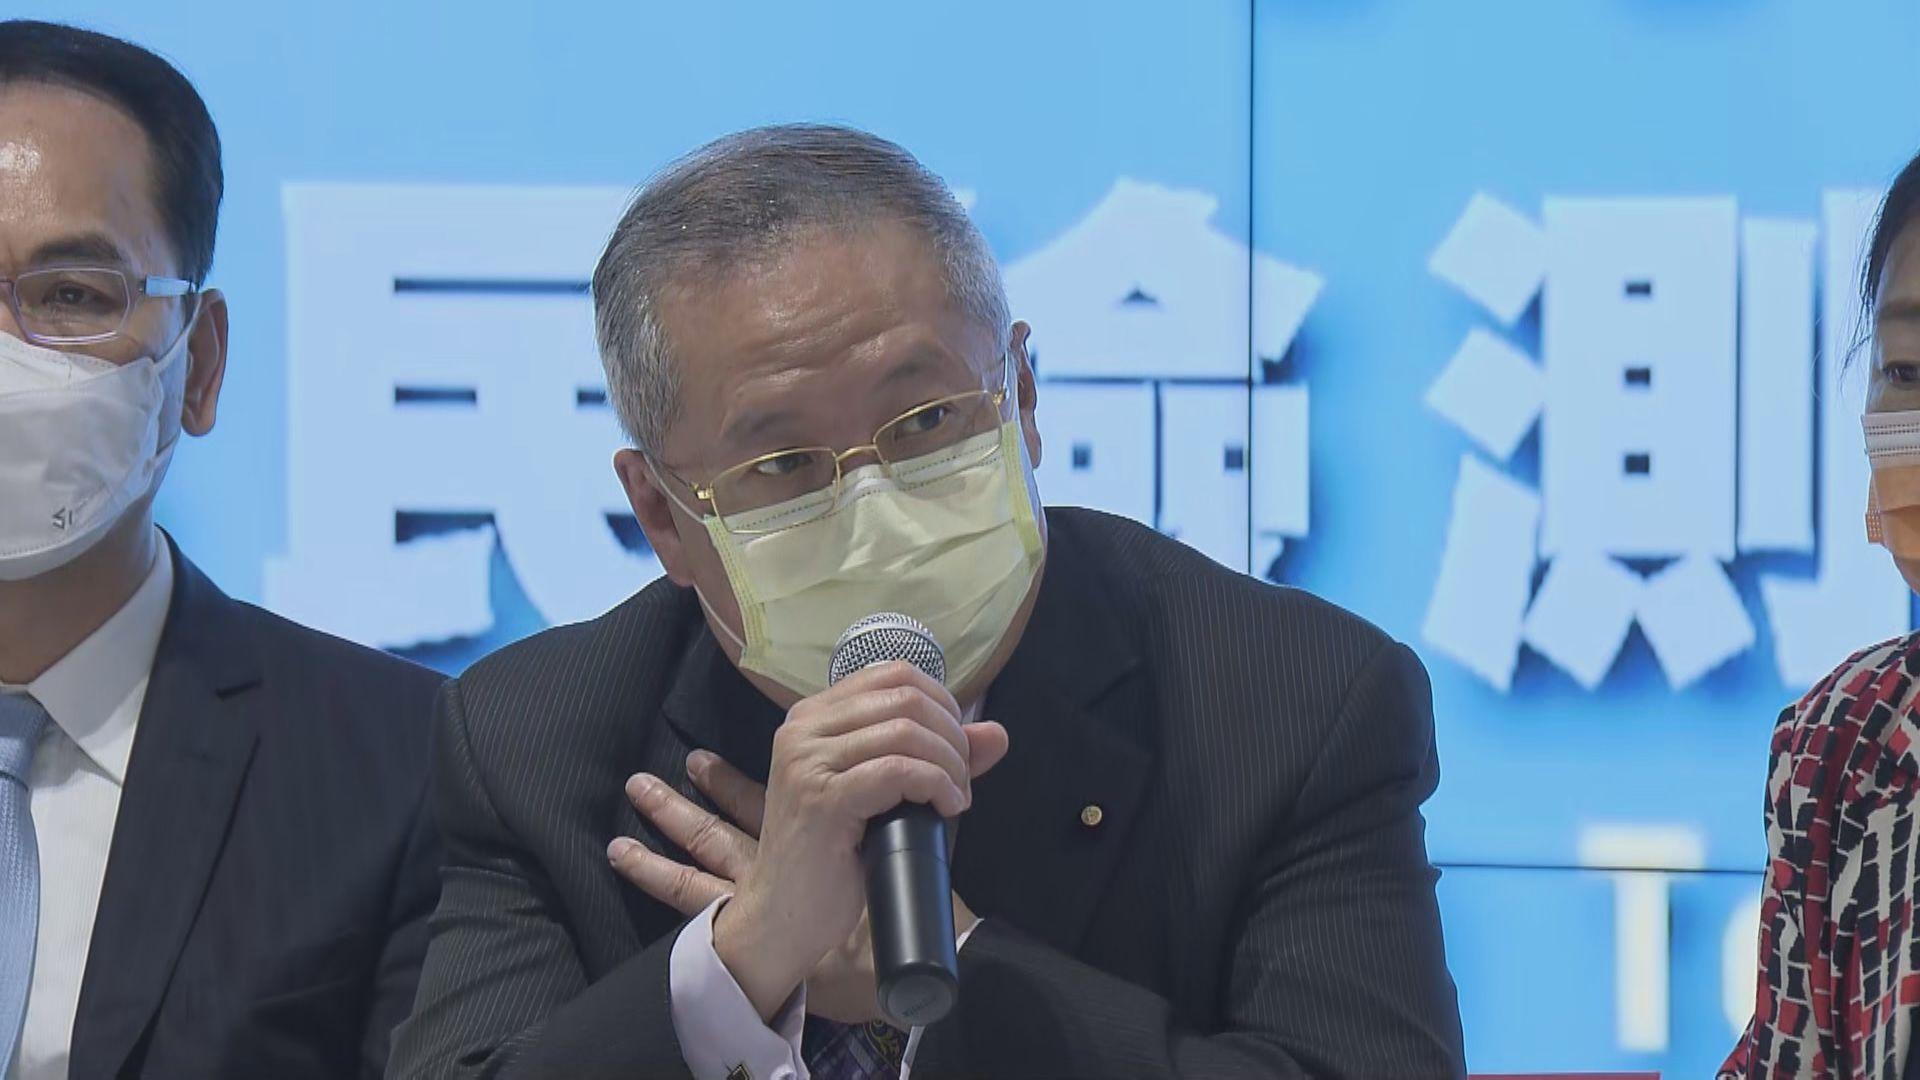 張宇人:政府應更早放寬食肆限制